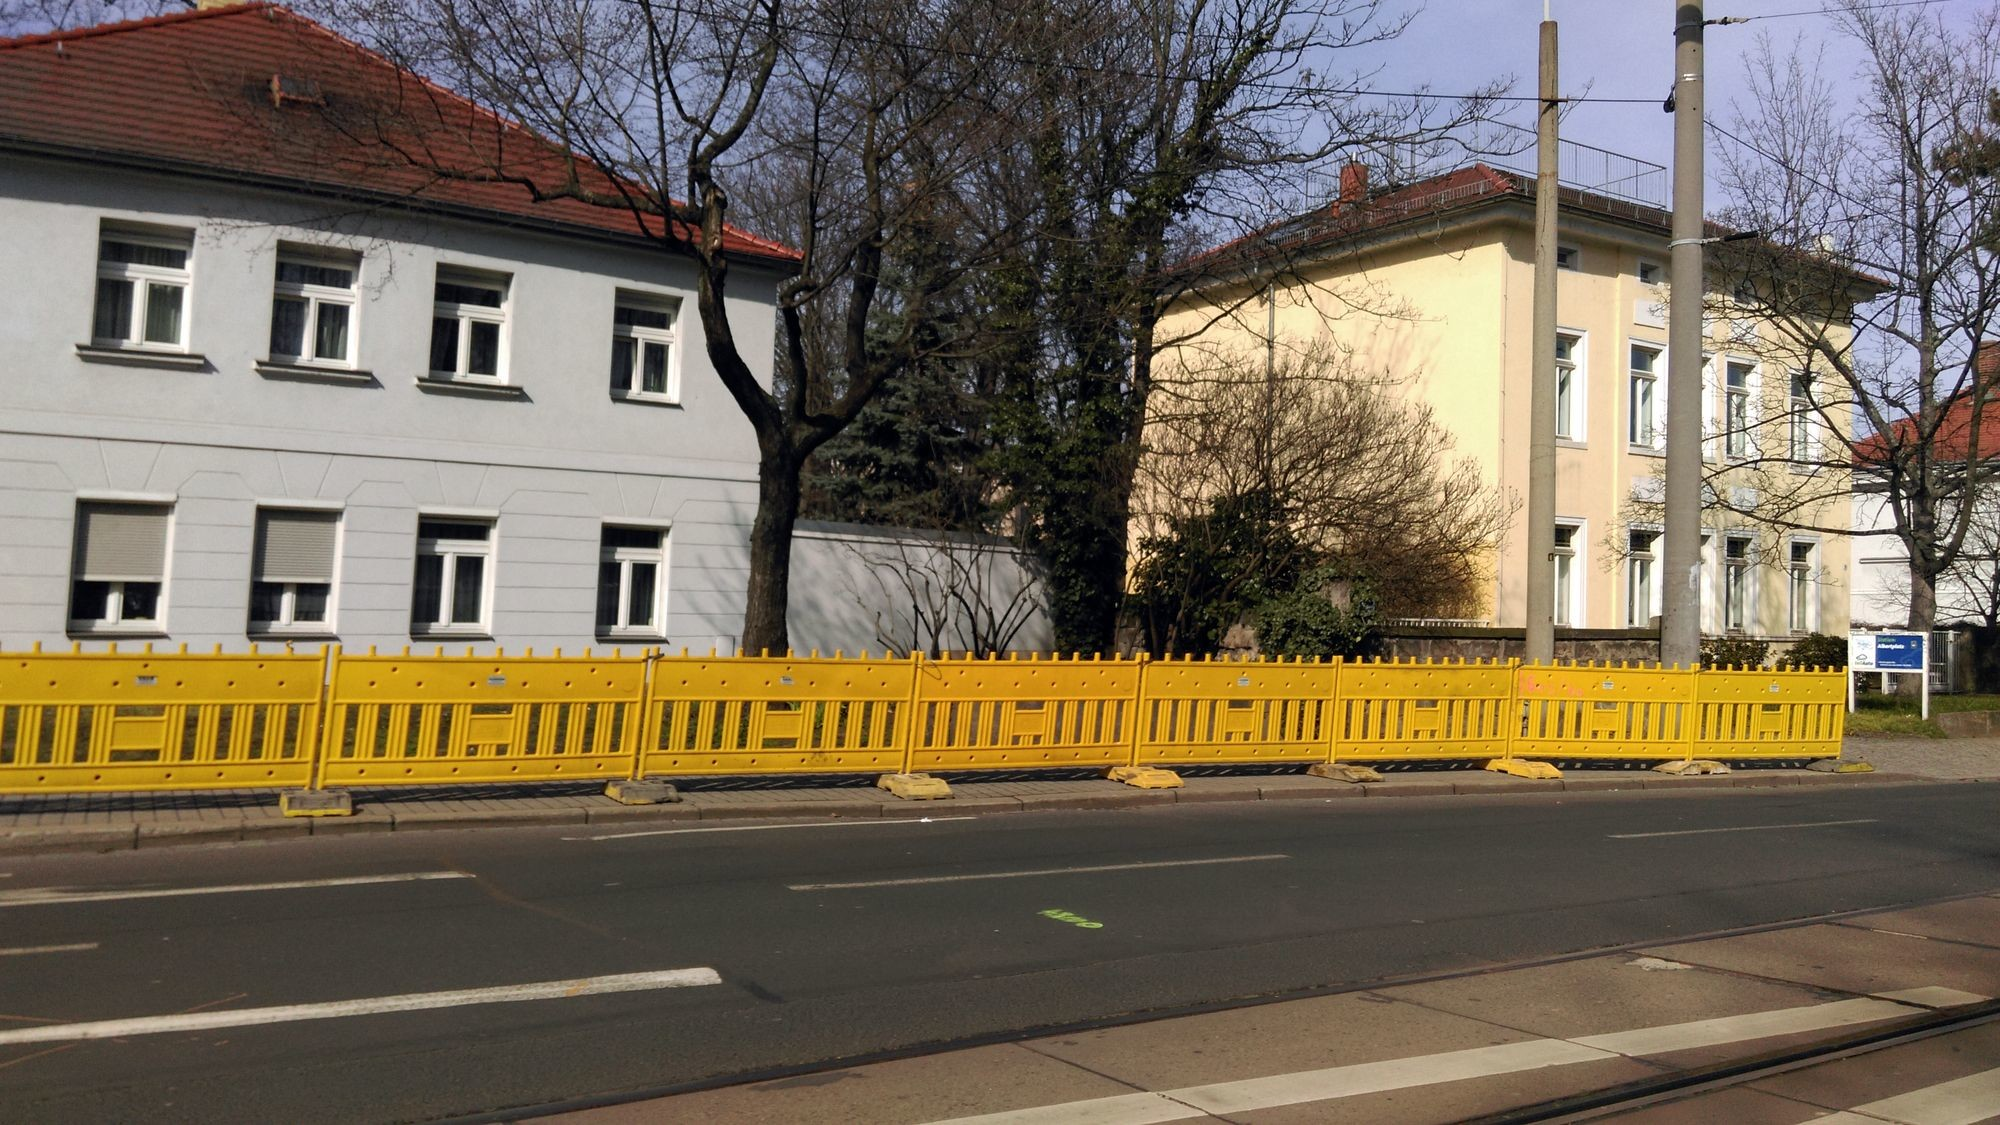 Umleitung-Koenigsbruecker-Strasse: Der Baustellen-Zaun an der Königsbrücker Straße